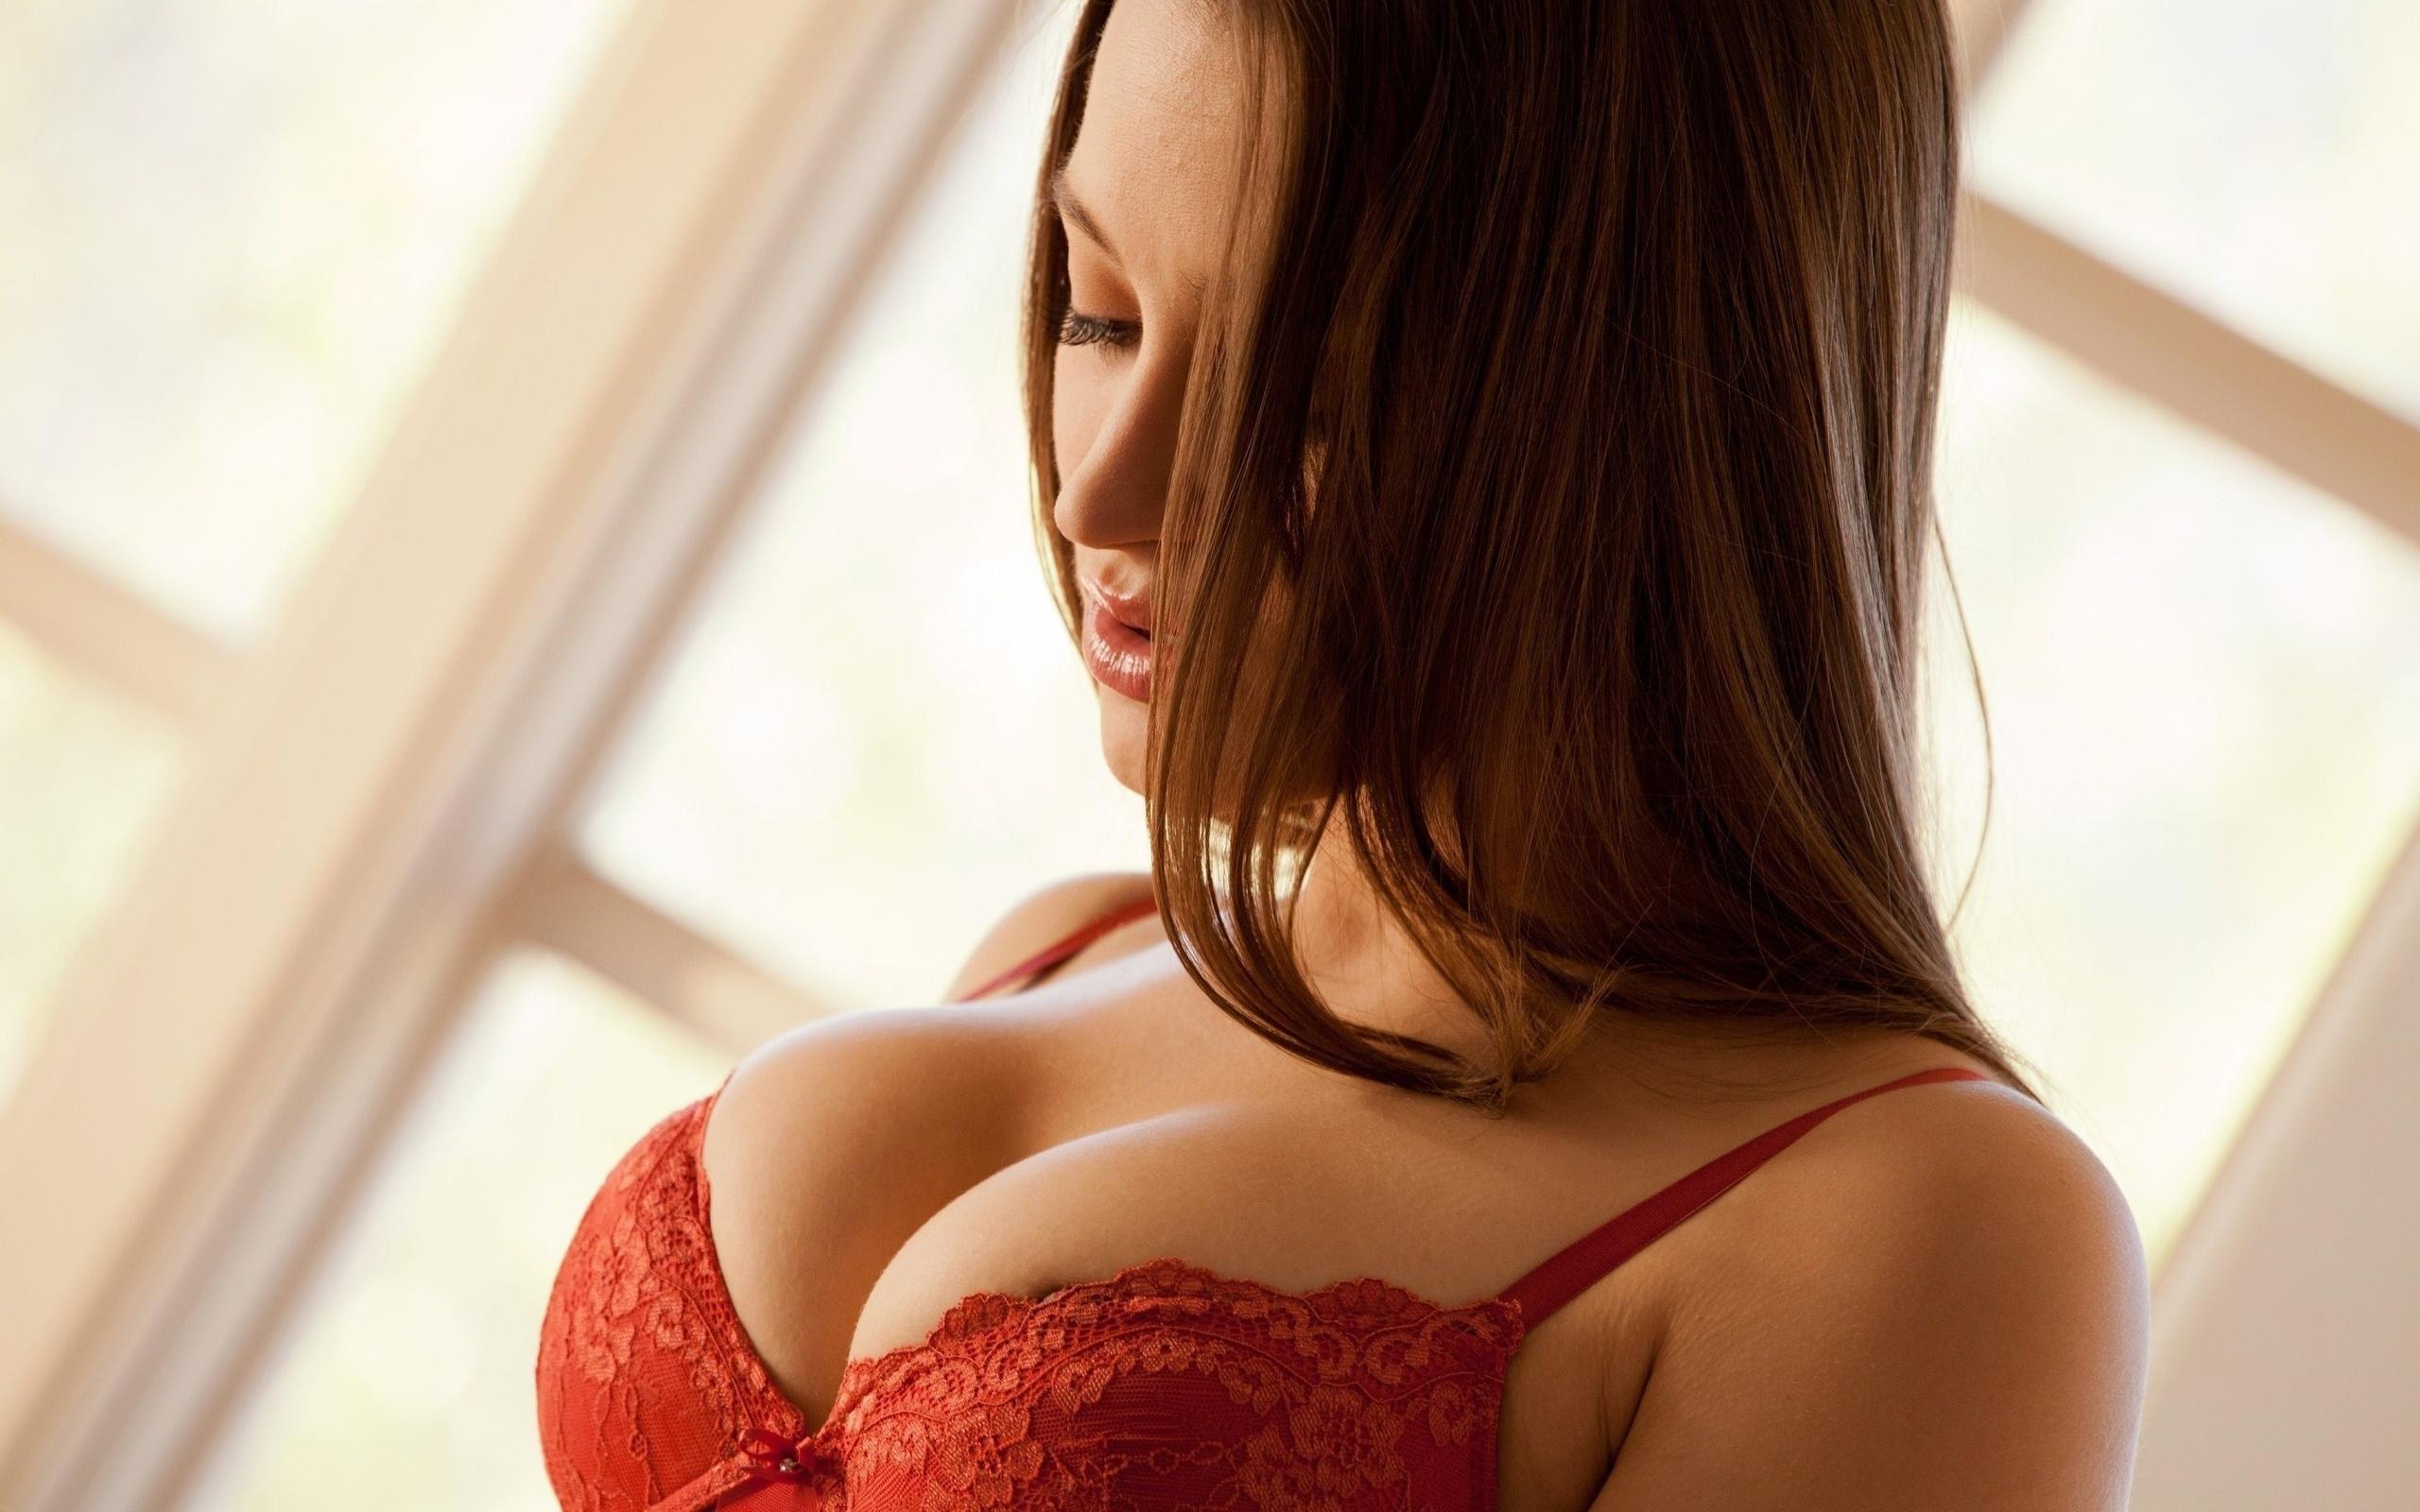 самые сексуальные девушки в лифчиках везет